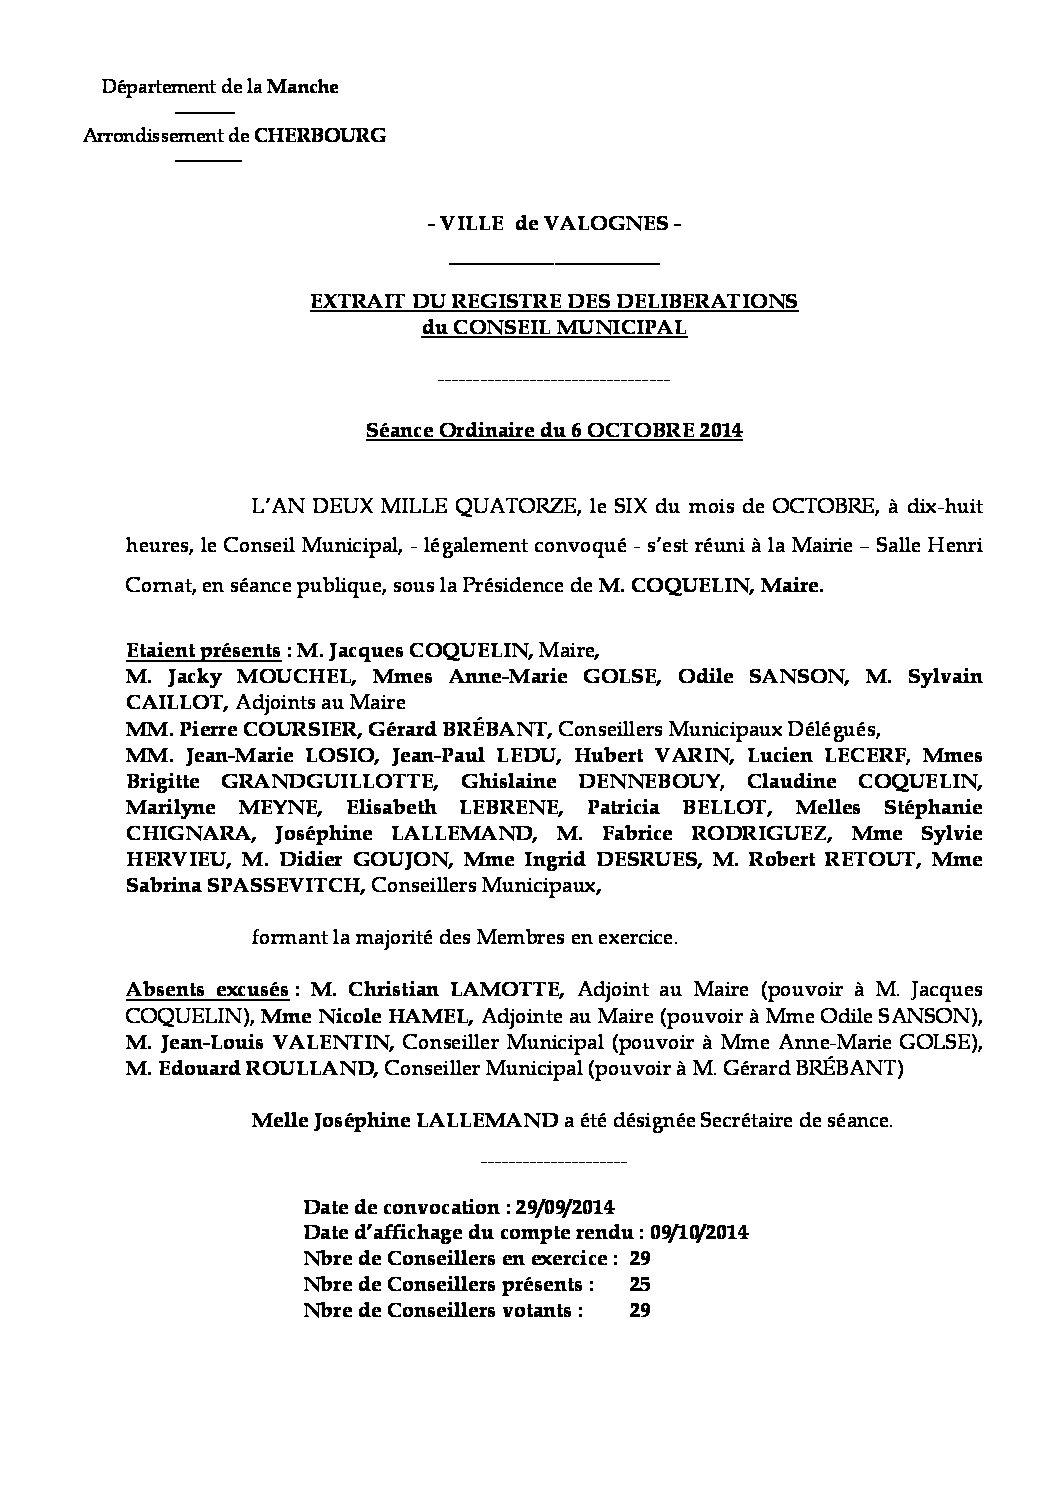 Extrait du registre des délibérations du 06-10-2014 - Compte rendu des questions soumises à délibération lors de la séance du 6 octobre 2014.